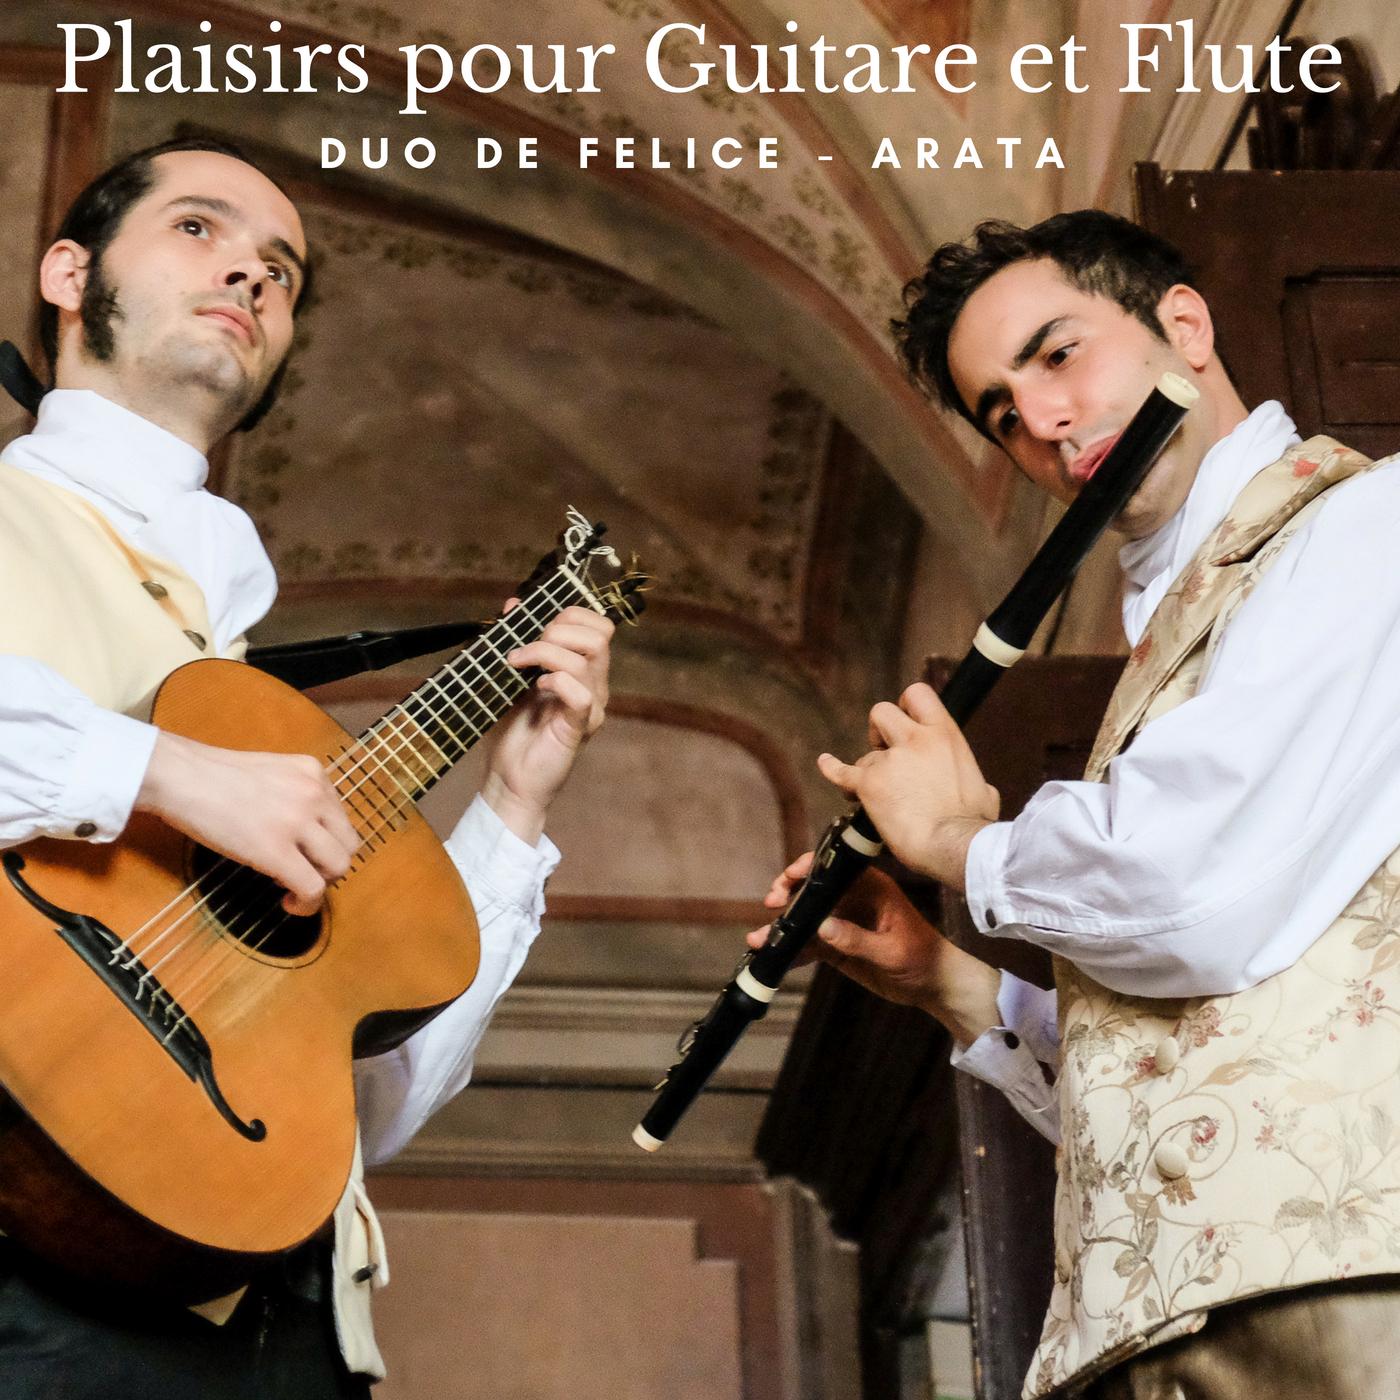 Kohler: Plaisirs pour Guitare et Flute, Ouvre 67